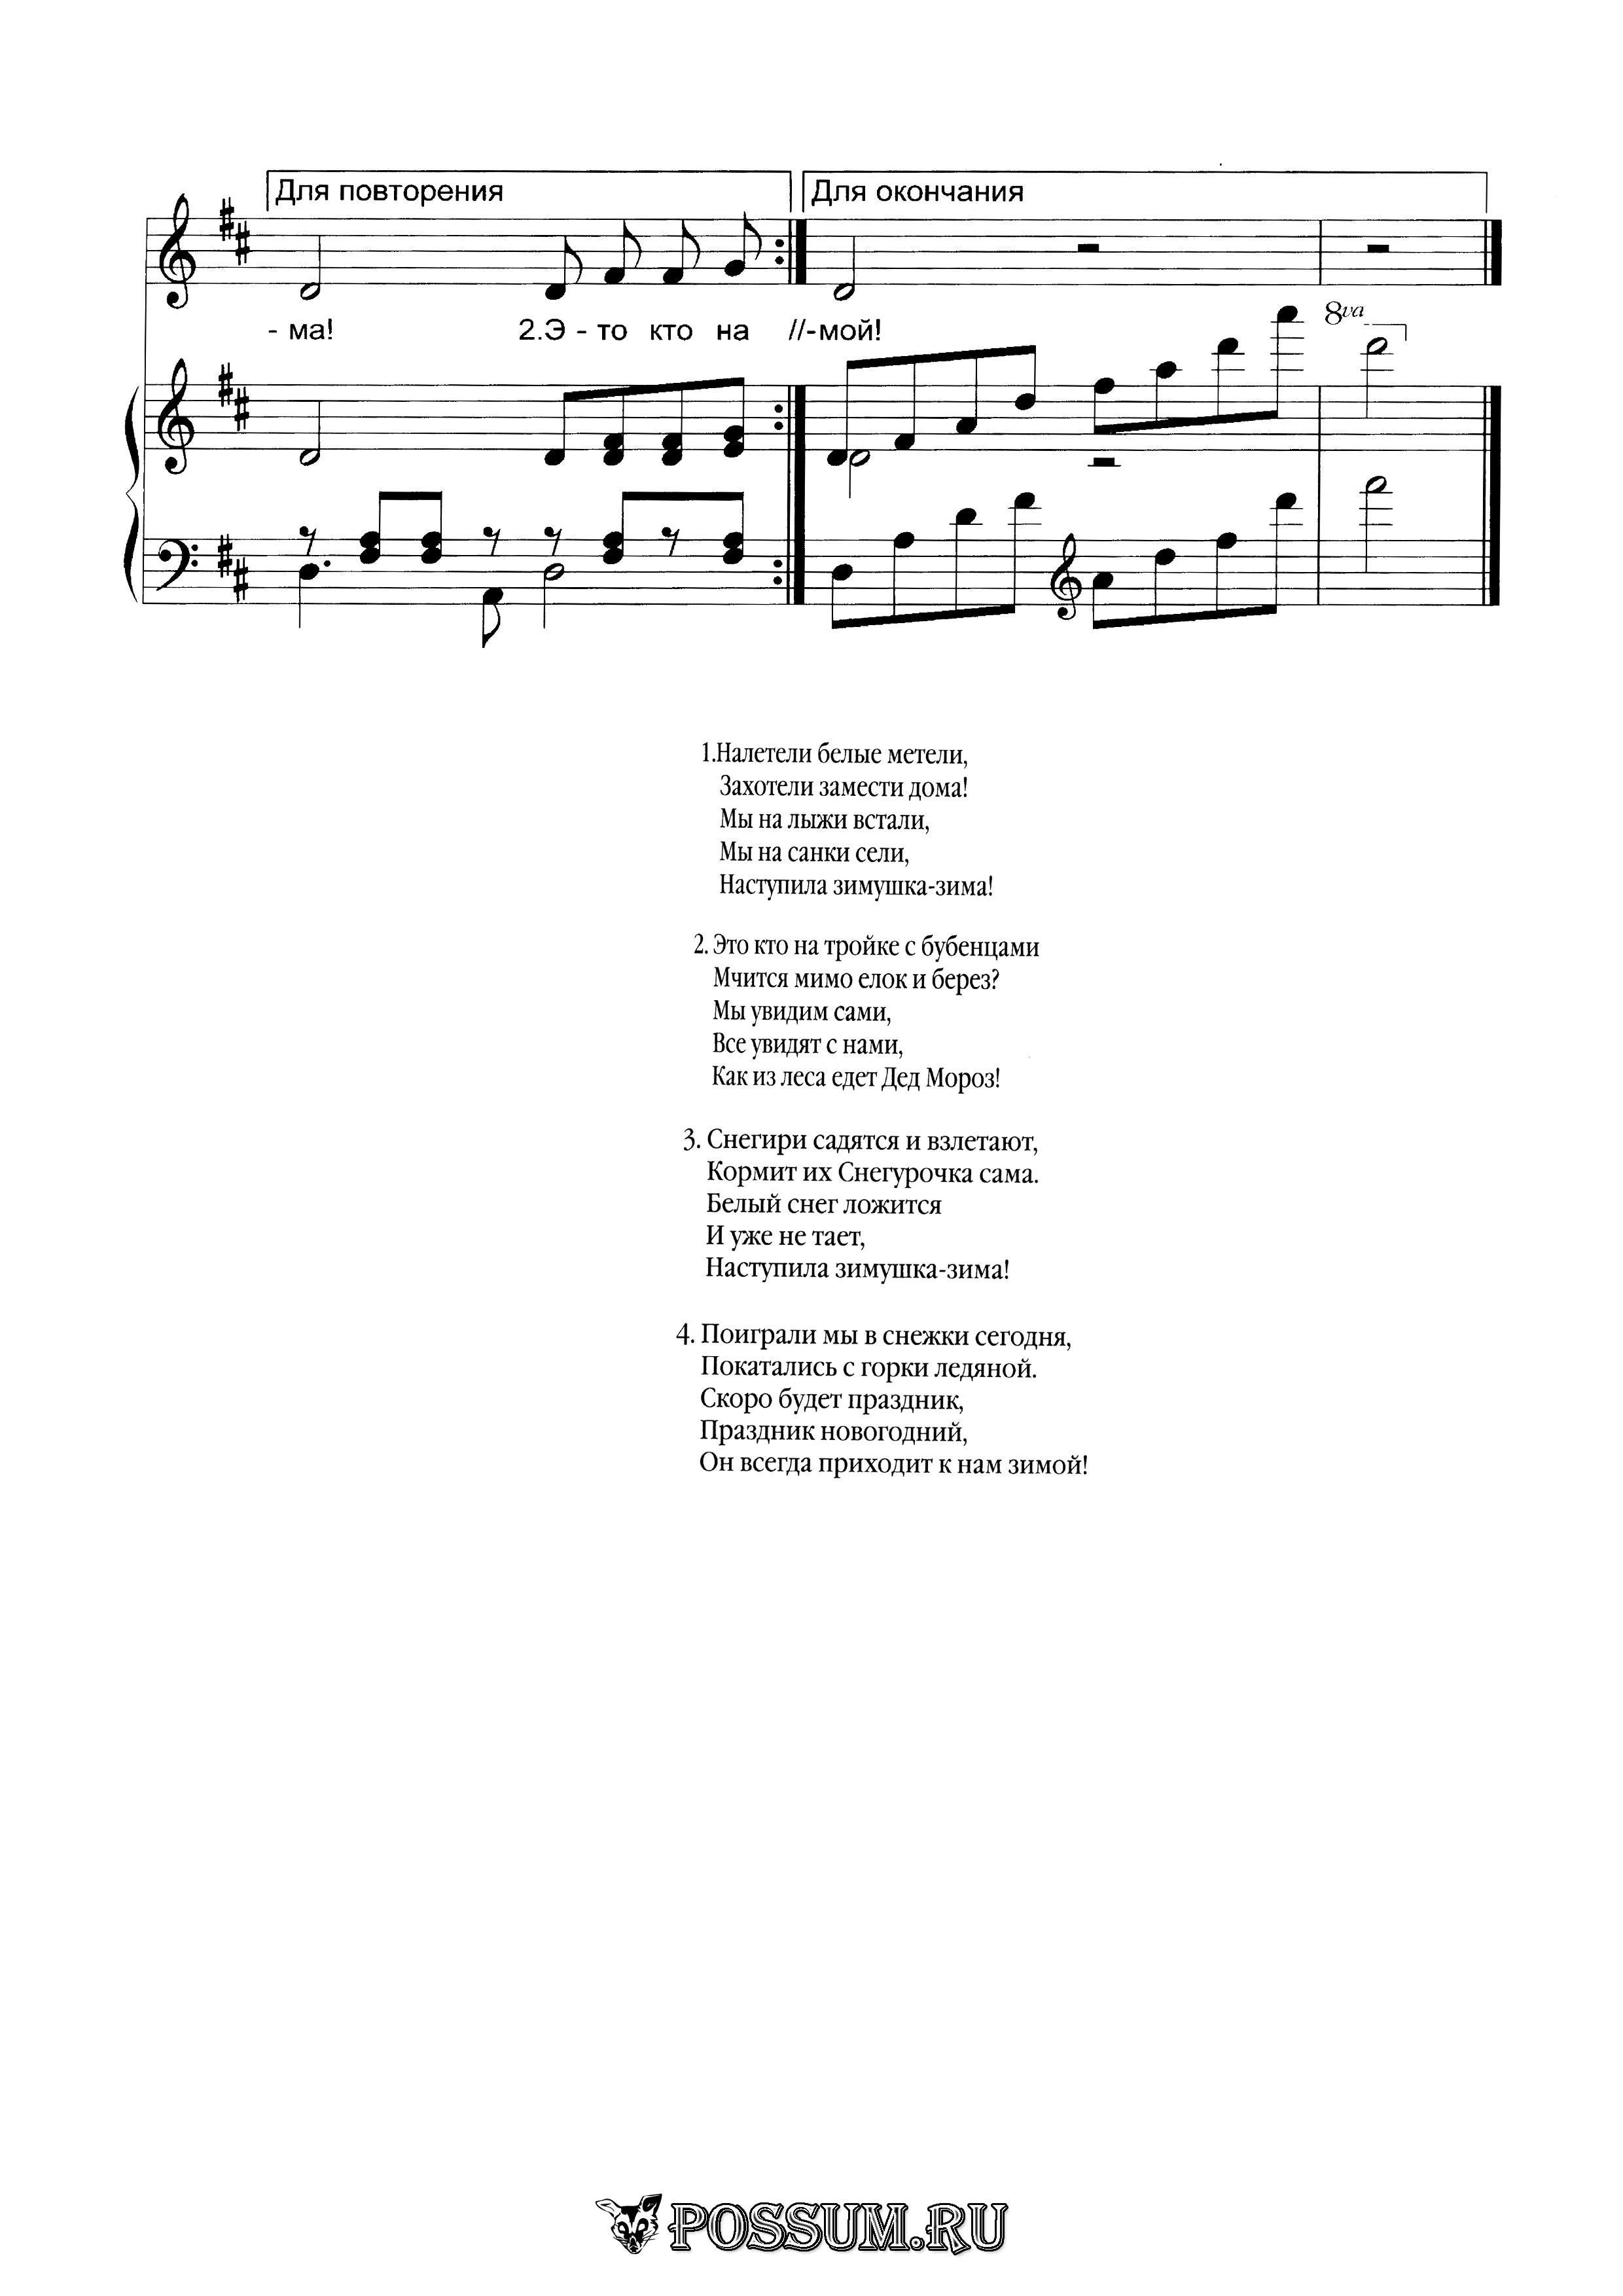 ДЕТСКАЯ ПЕСНЯ БЕЛАЯ МЕТЕЛИЦА СКАЧАТЬ БЕСПЛАТНО